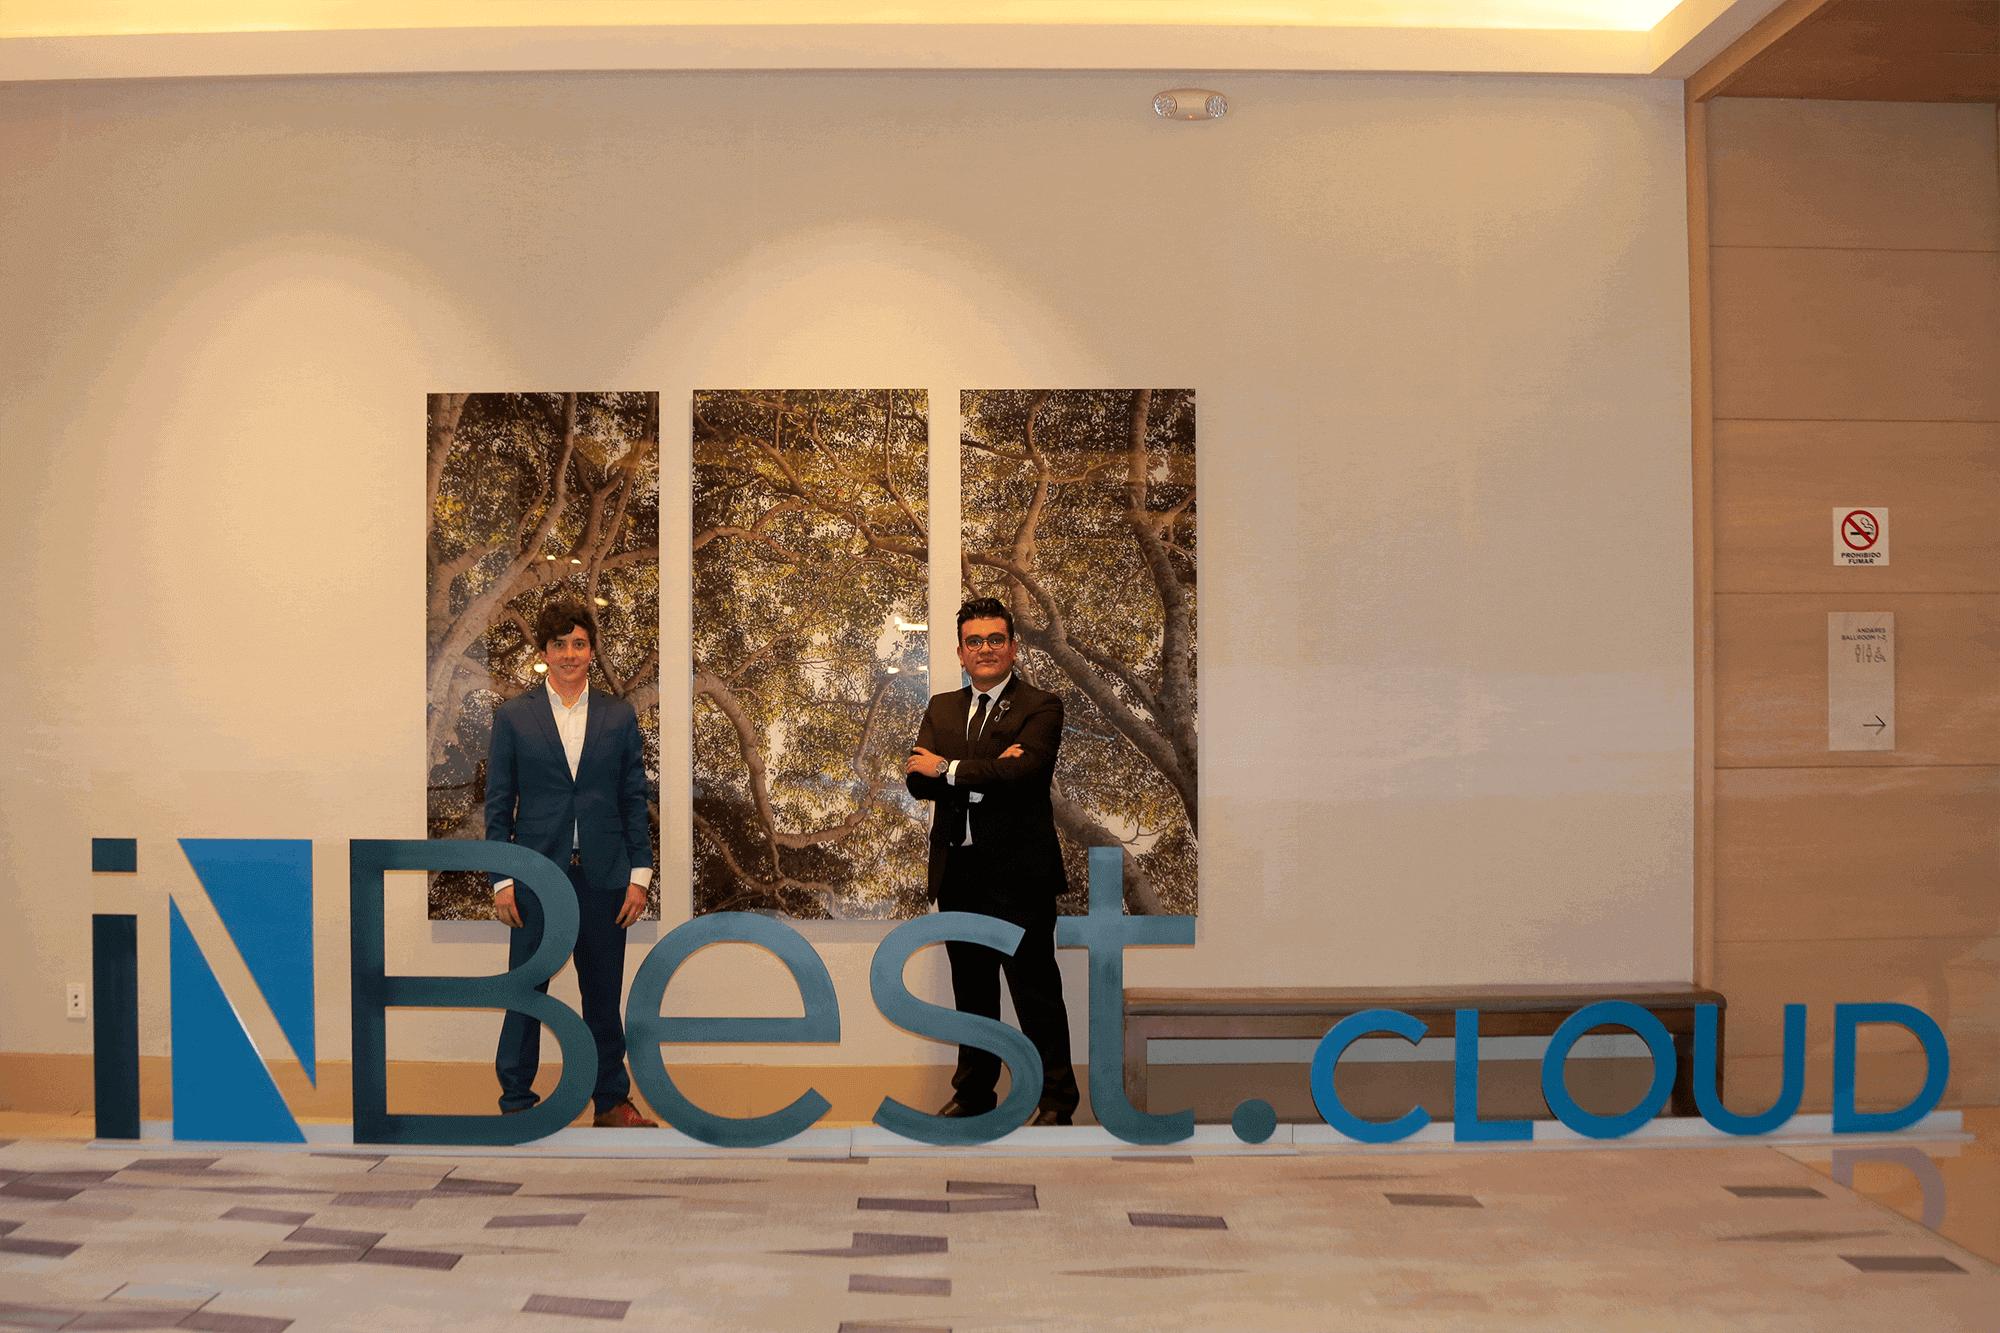 Compañía habilitadora de servicios iNBest AWS México